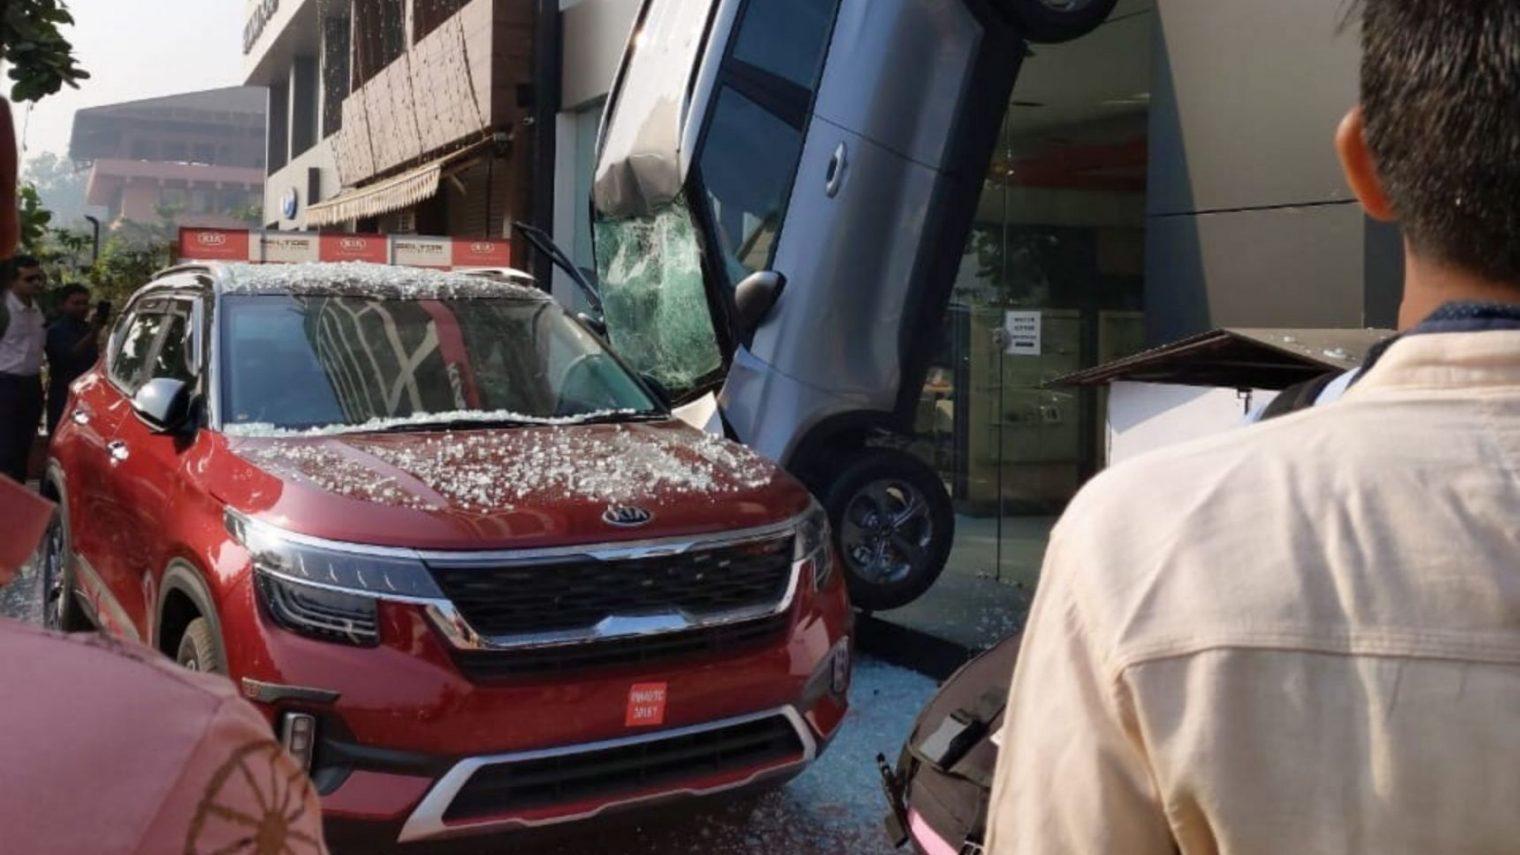 Nhầm số tiến và lùi, ô tô lao từ cửa sổ tầng 2 showroom xuống đất